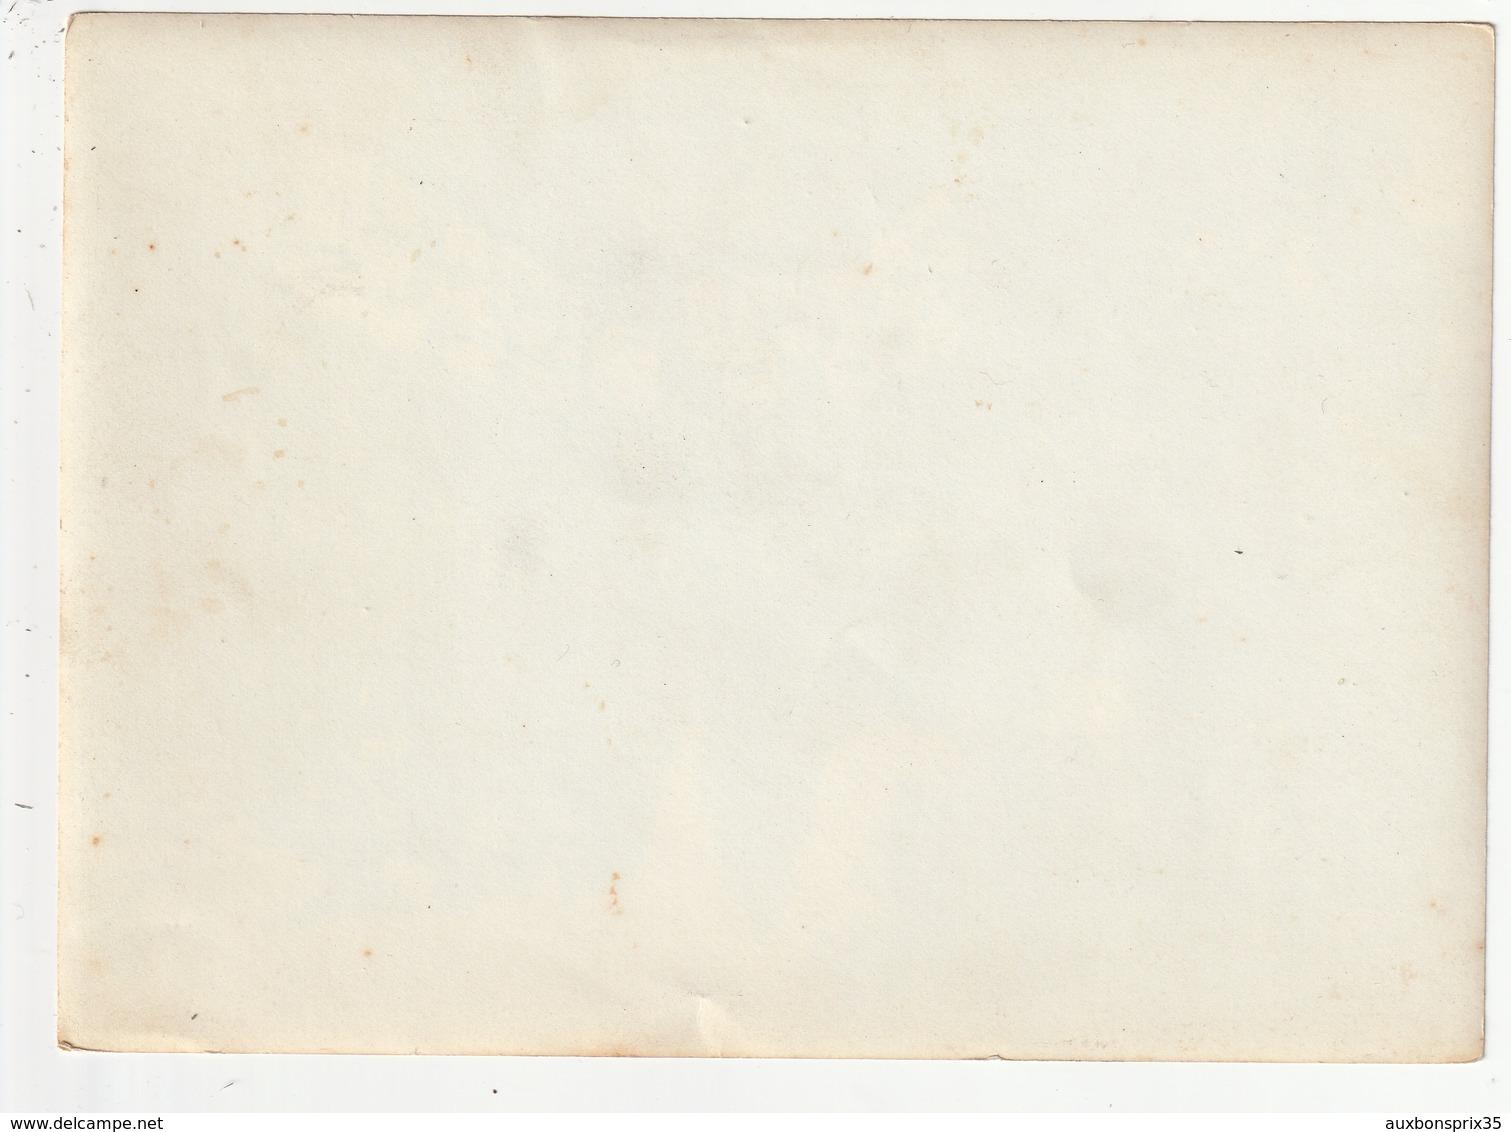 PHOTO - LANDEAN - CHATEAU DES HARLAIS - CEREMONIE RELIGIEUSE AUTOUR DE 1935 - 35 - France